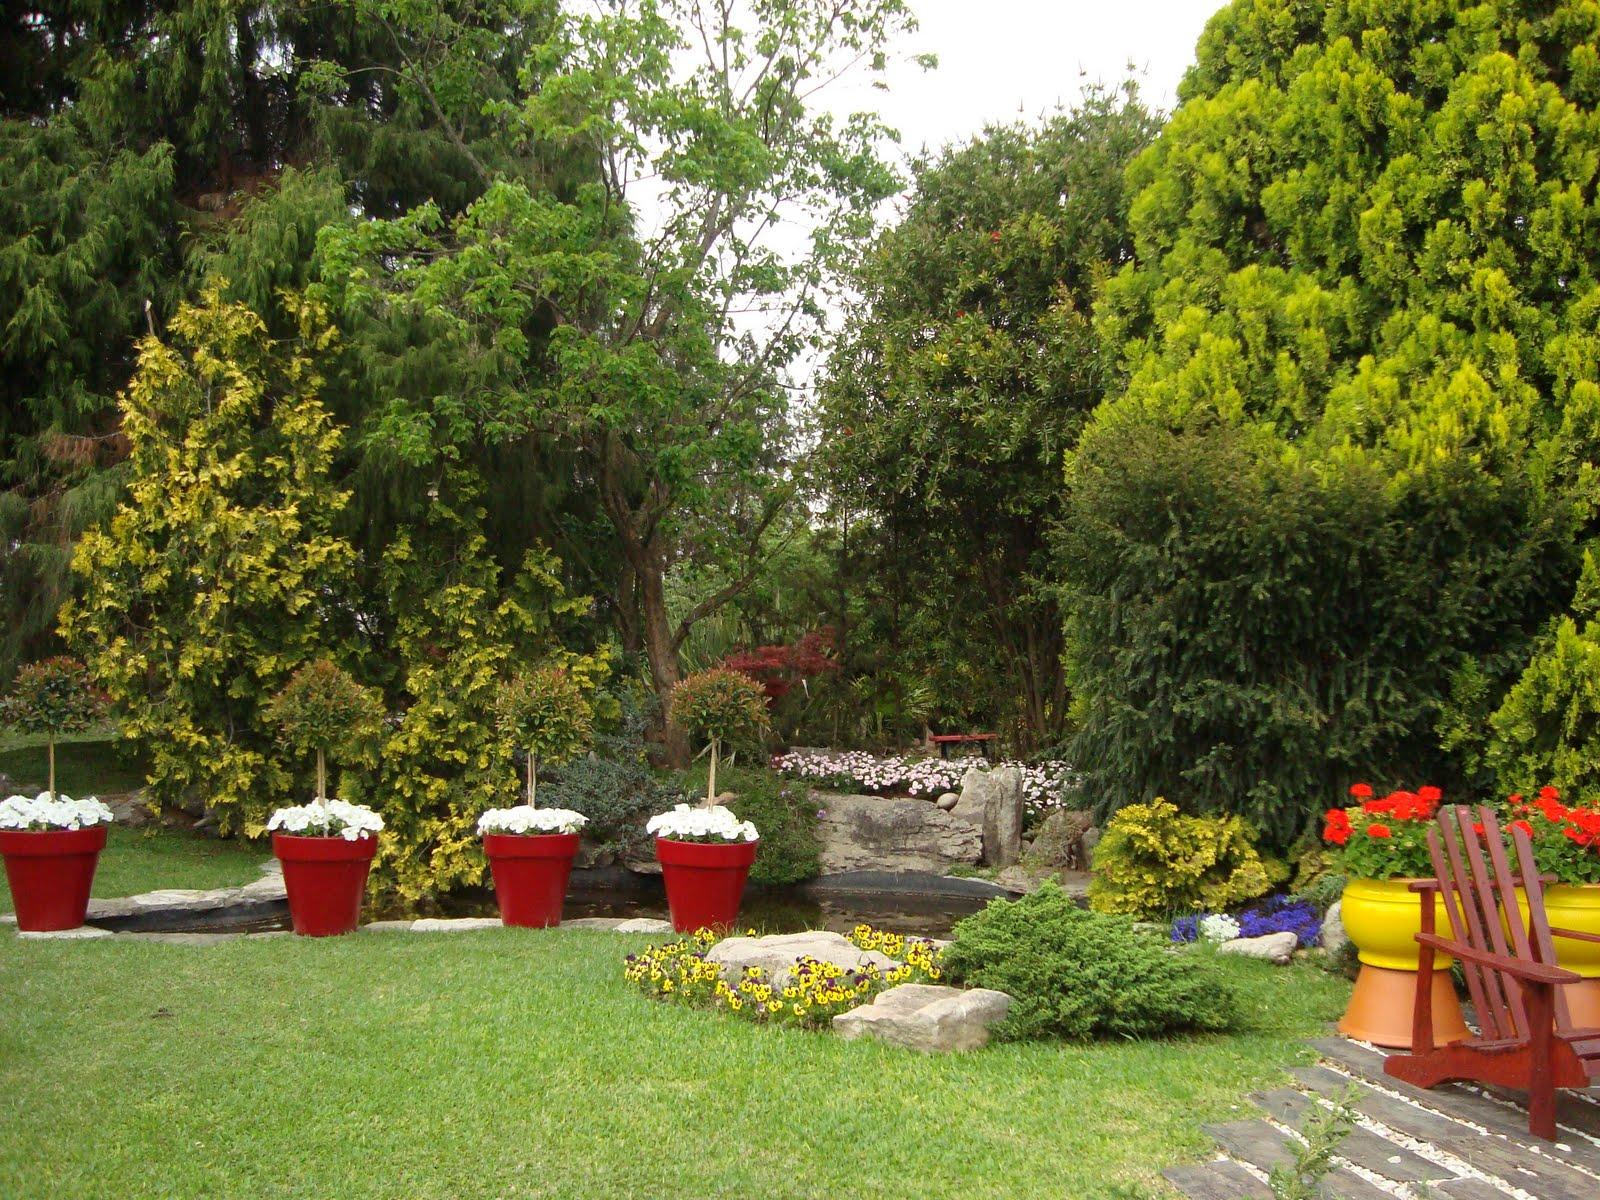 Mi jard n feliz dise o de jard n en 5 pasos for Diseno de jardin